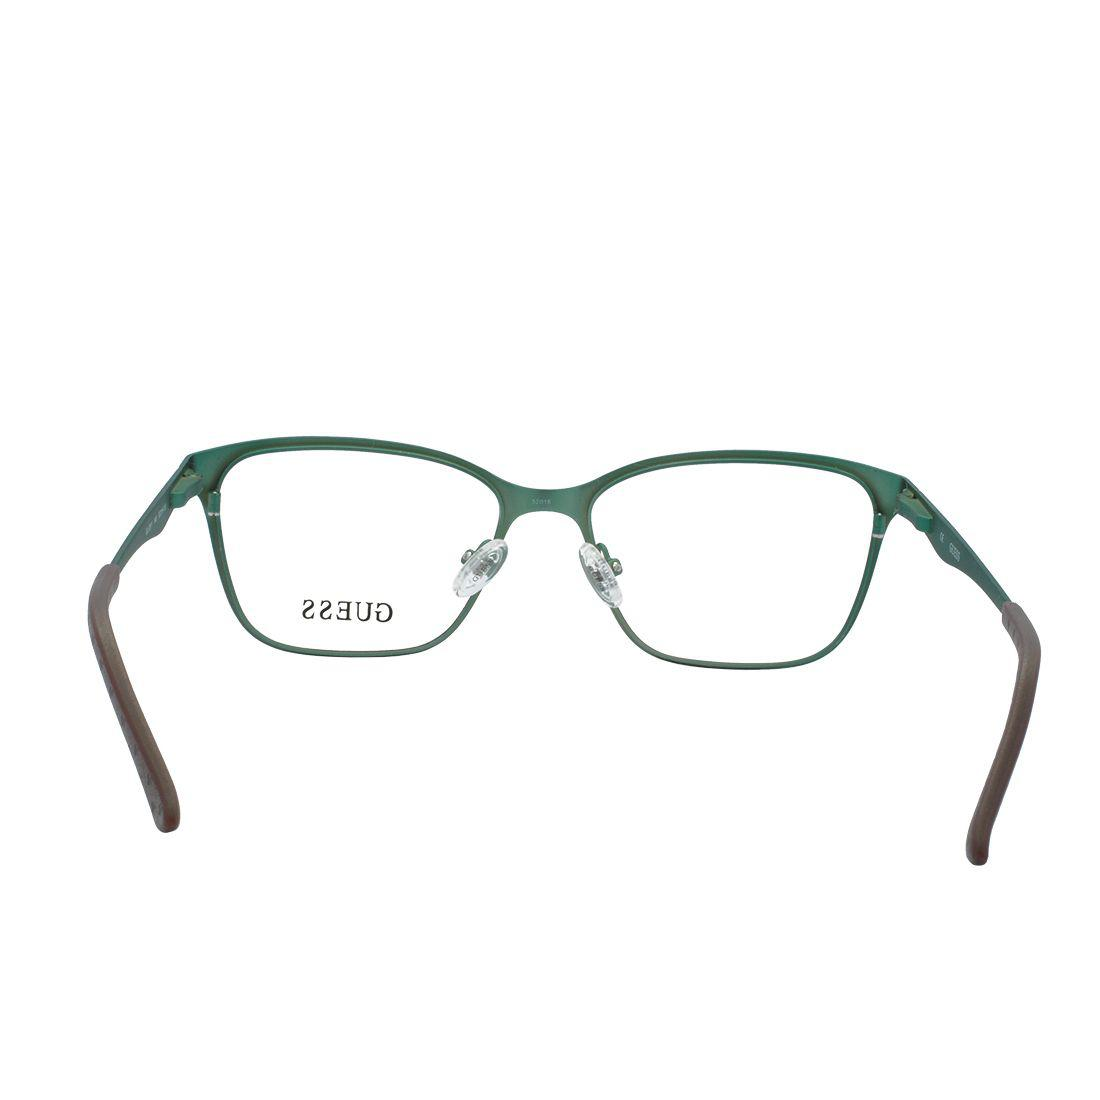 0e9252adb Óculos de Grau Guess Feminino GU2511 C049 T52 - Metal Marrom e Verde Militar  Fosco R$ 480,00 à vista. Adicionar à sacola